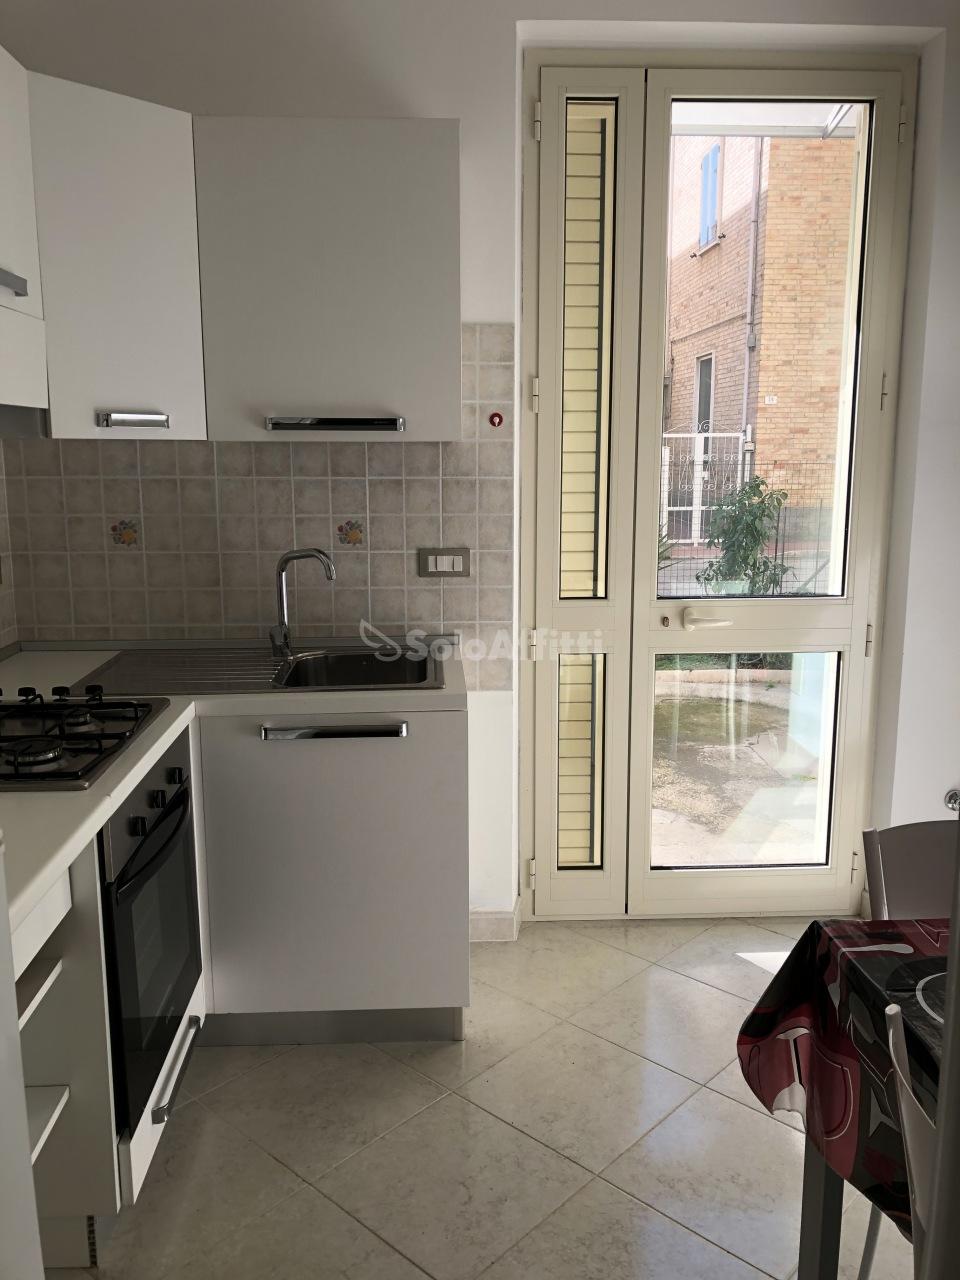 Appartamento - Bilocale a San Benedetto del Tronto